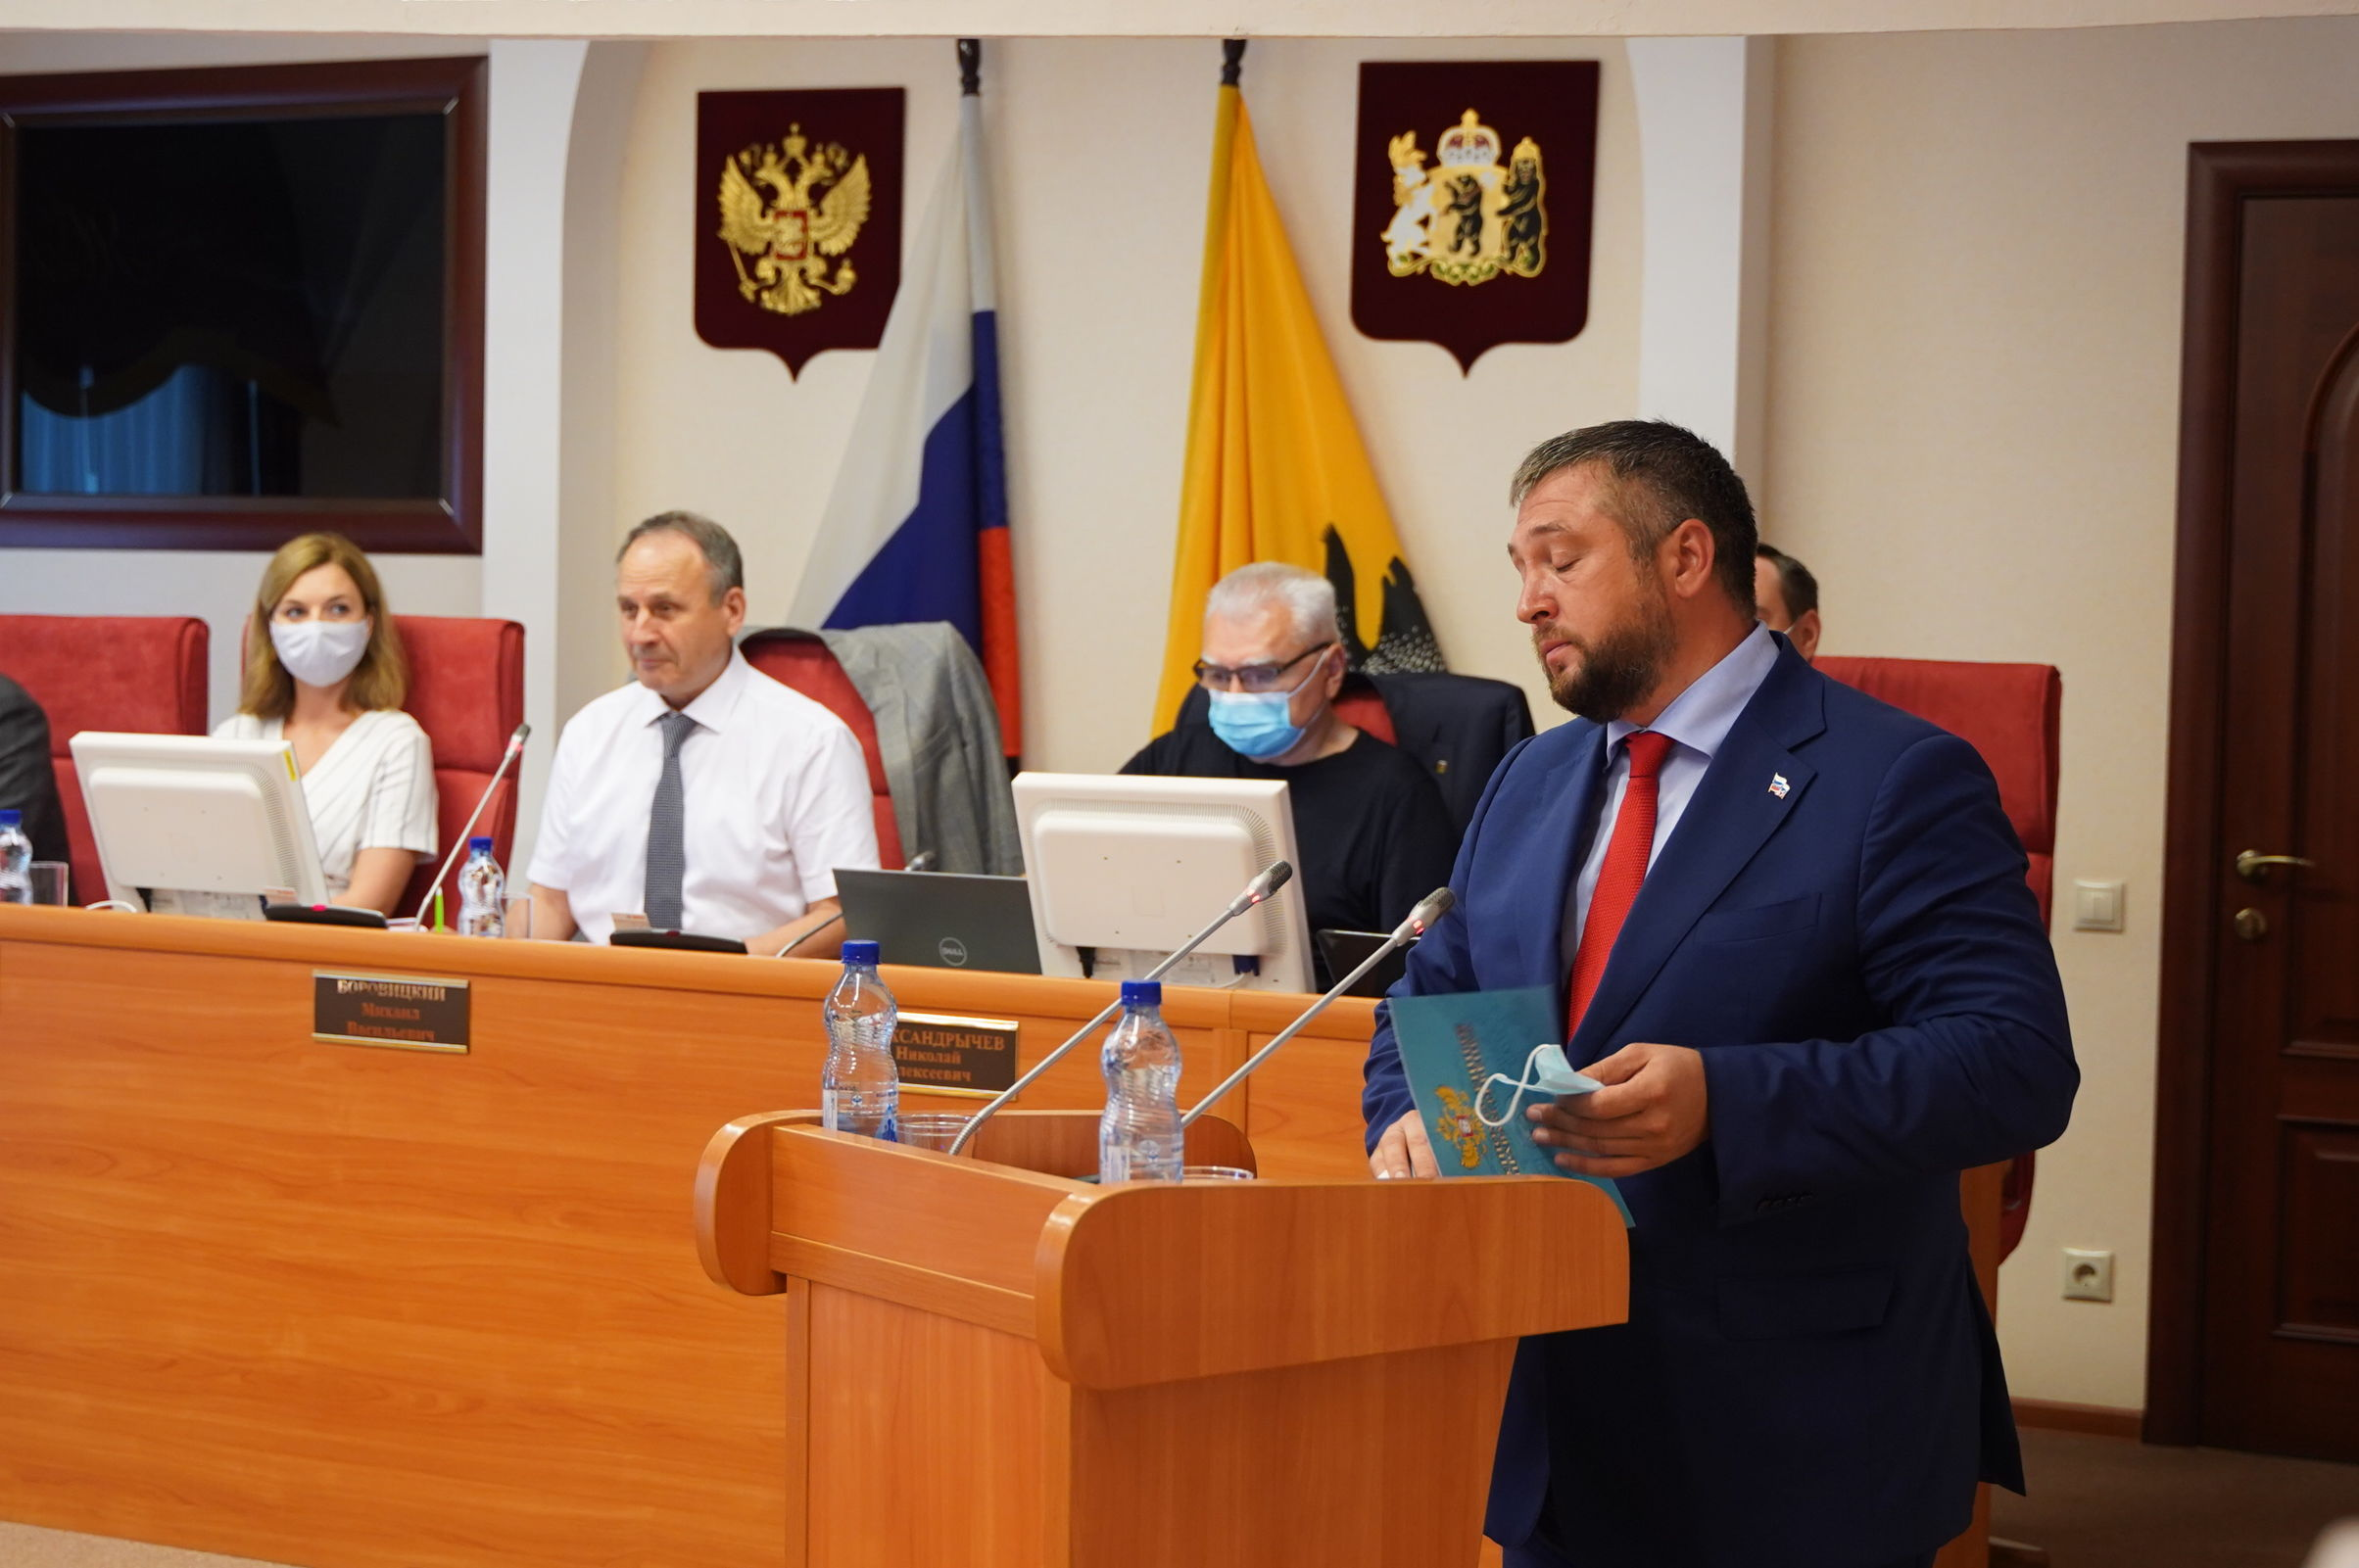 Михаила Крупина утвердили в должности уполномоченного по правам ребенка в Ярославской области